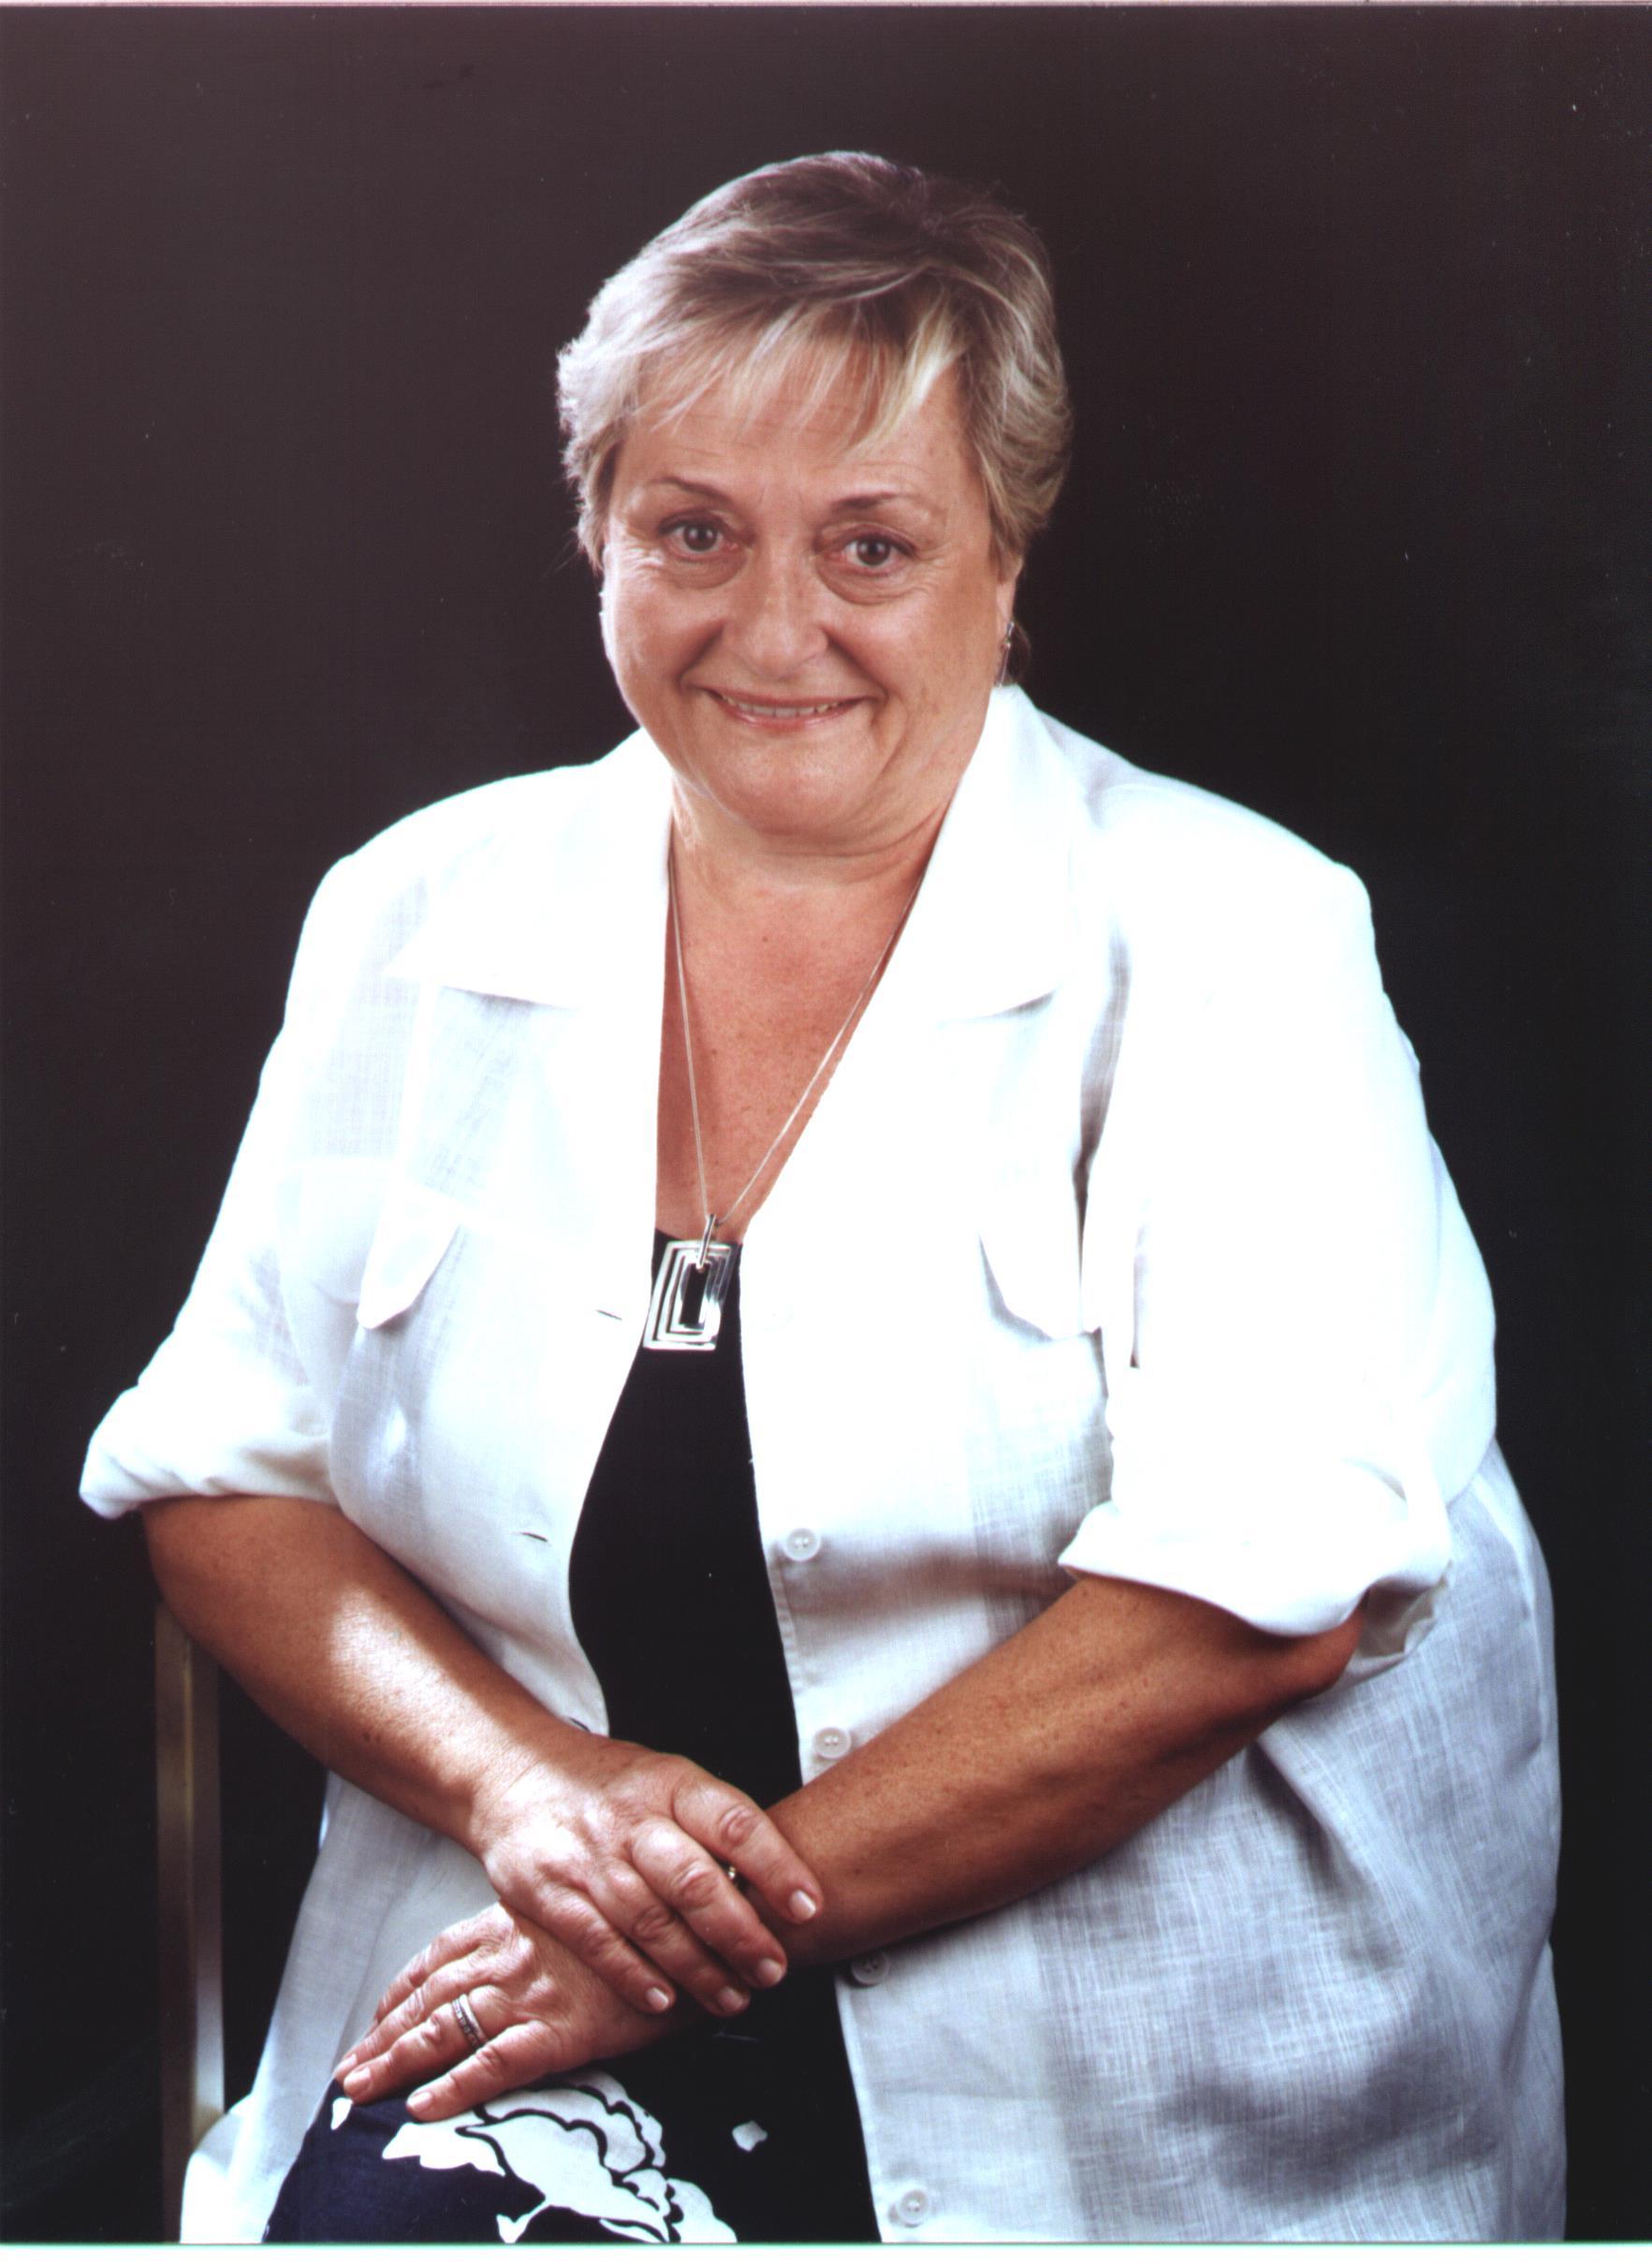 Sra. M. Lluïsa Ferrer Martinez